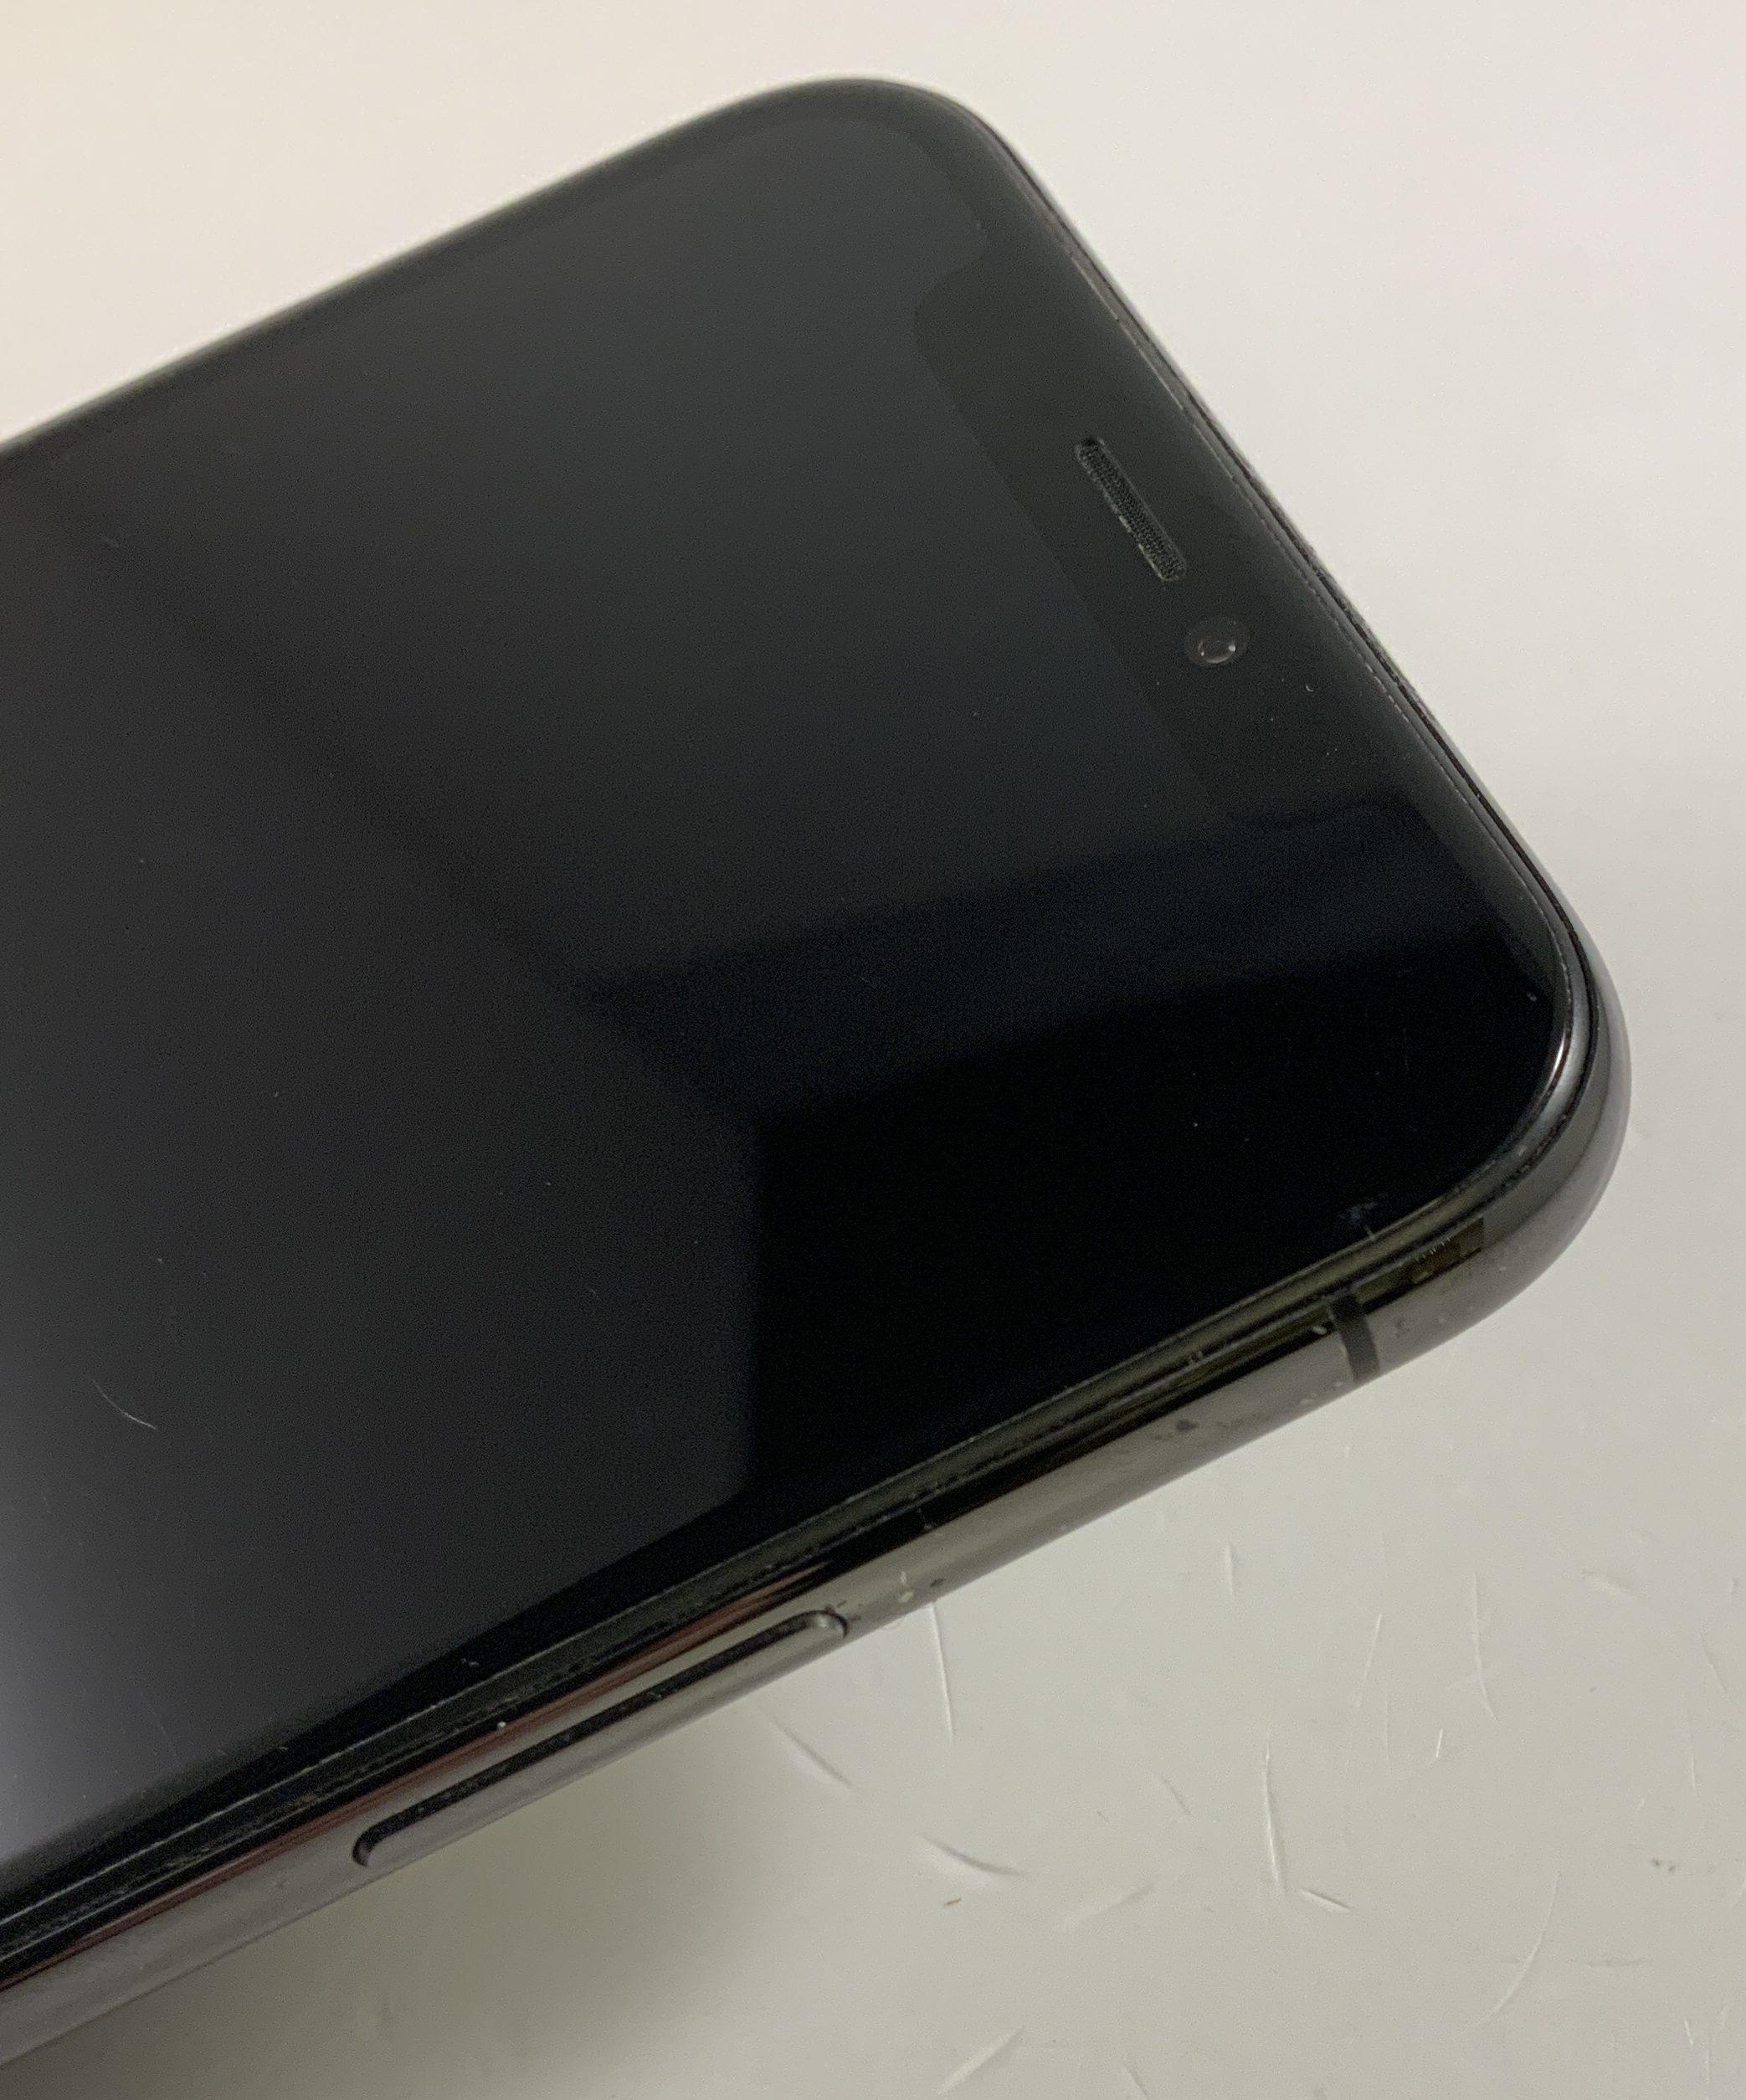 iPhone X 256GB, 256GB, Space Gray, Kuva 4